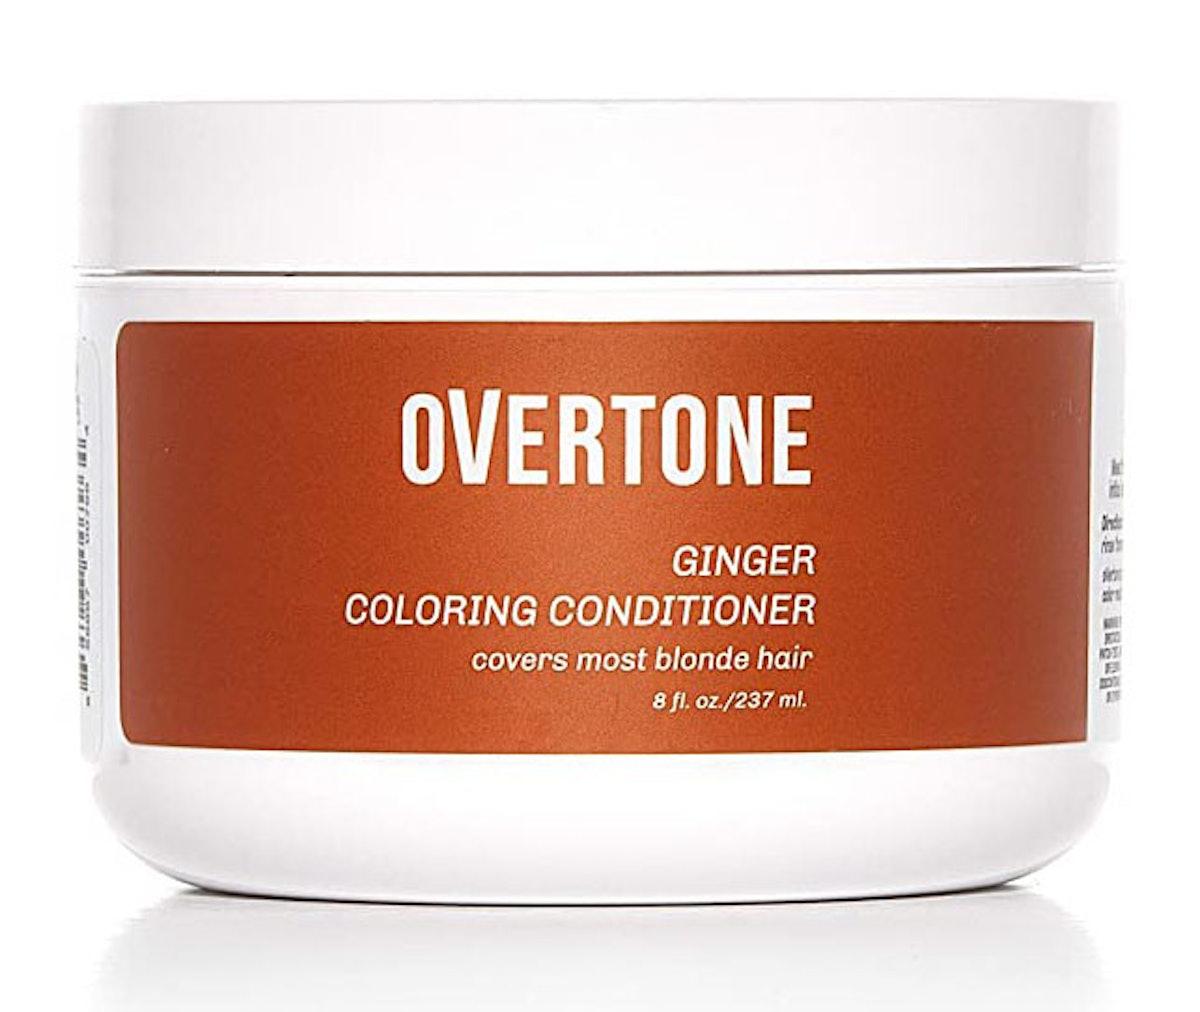 oVertone Haircare Vibrant Purple Coloring Conditioner